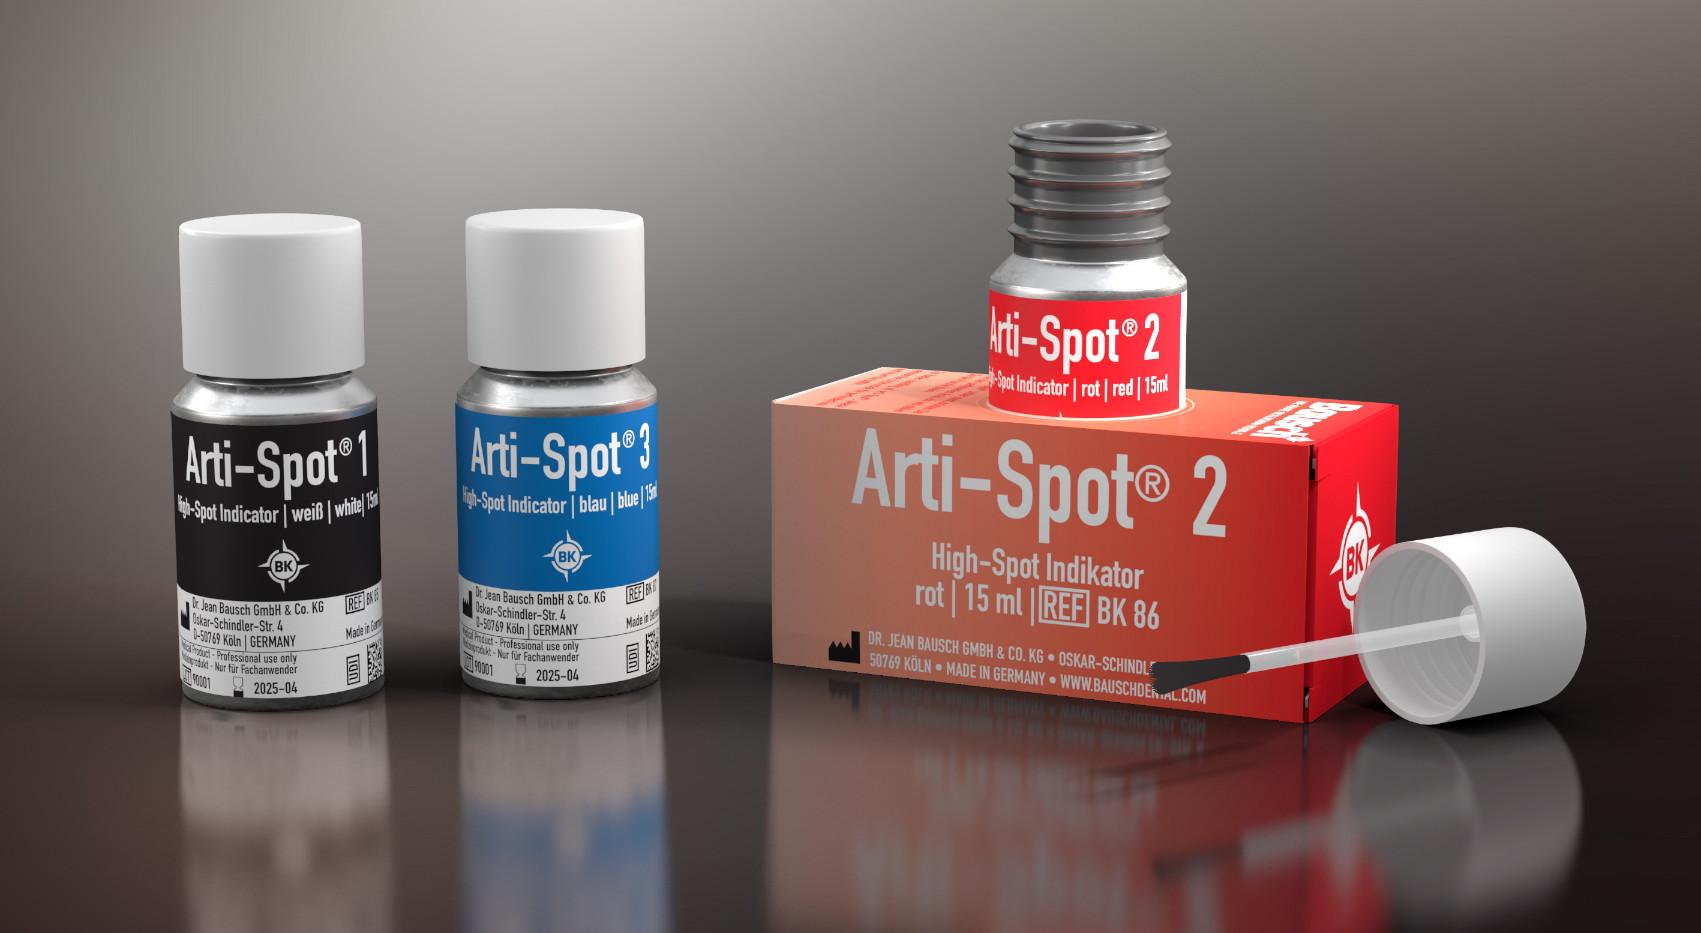 Arti-Spot